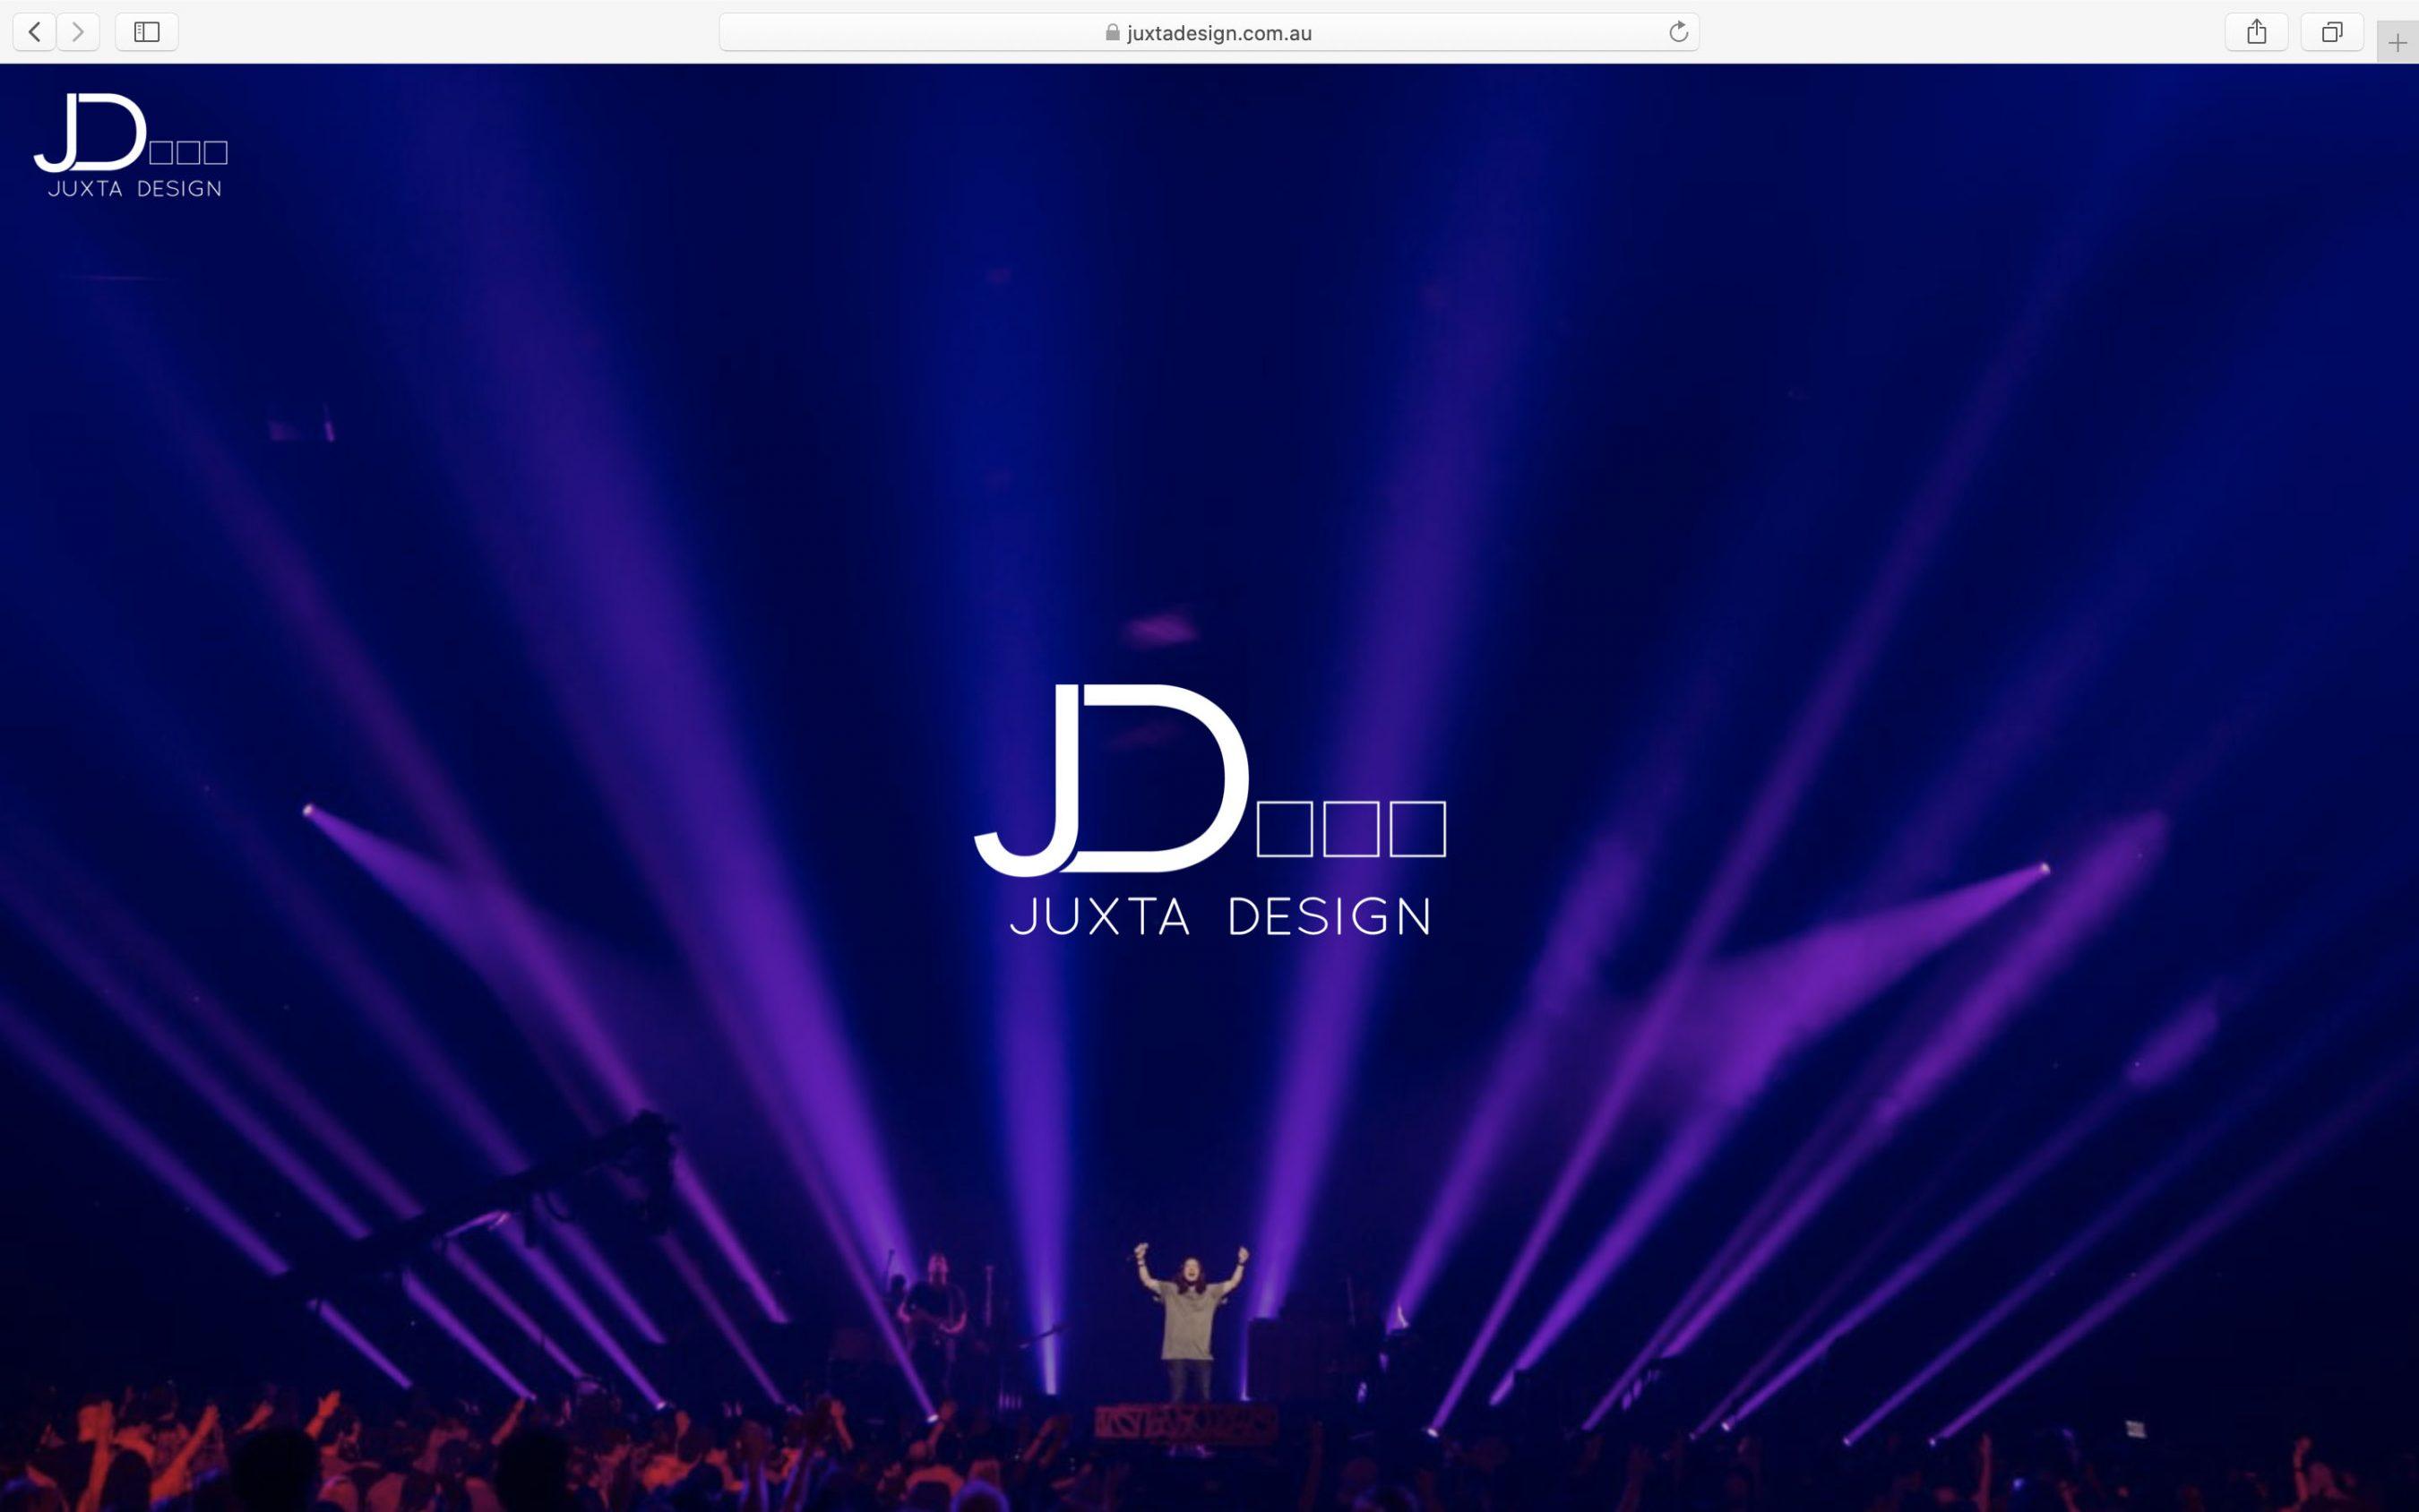 Juxta Design